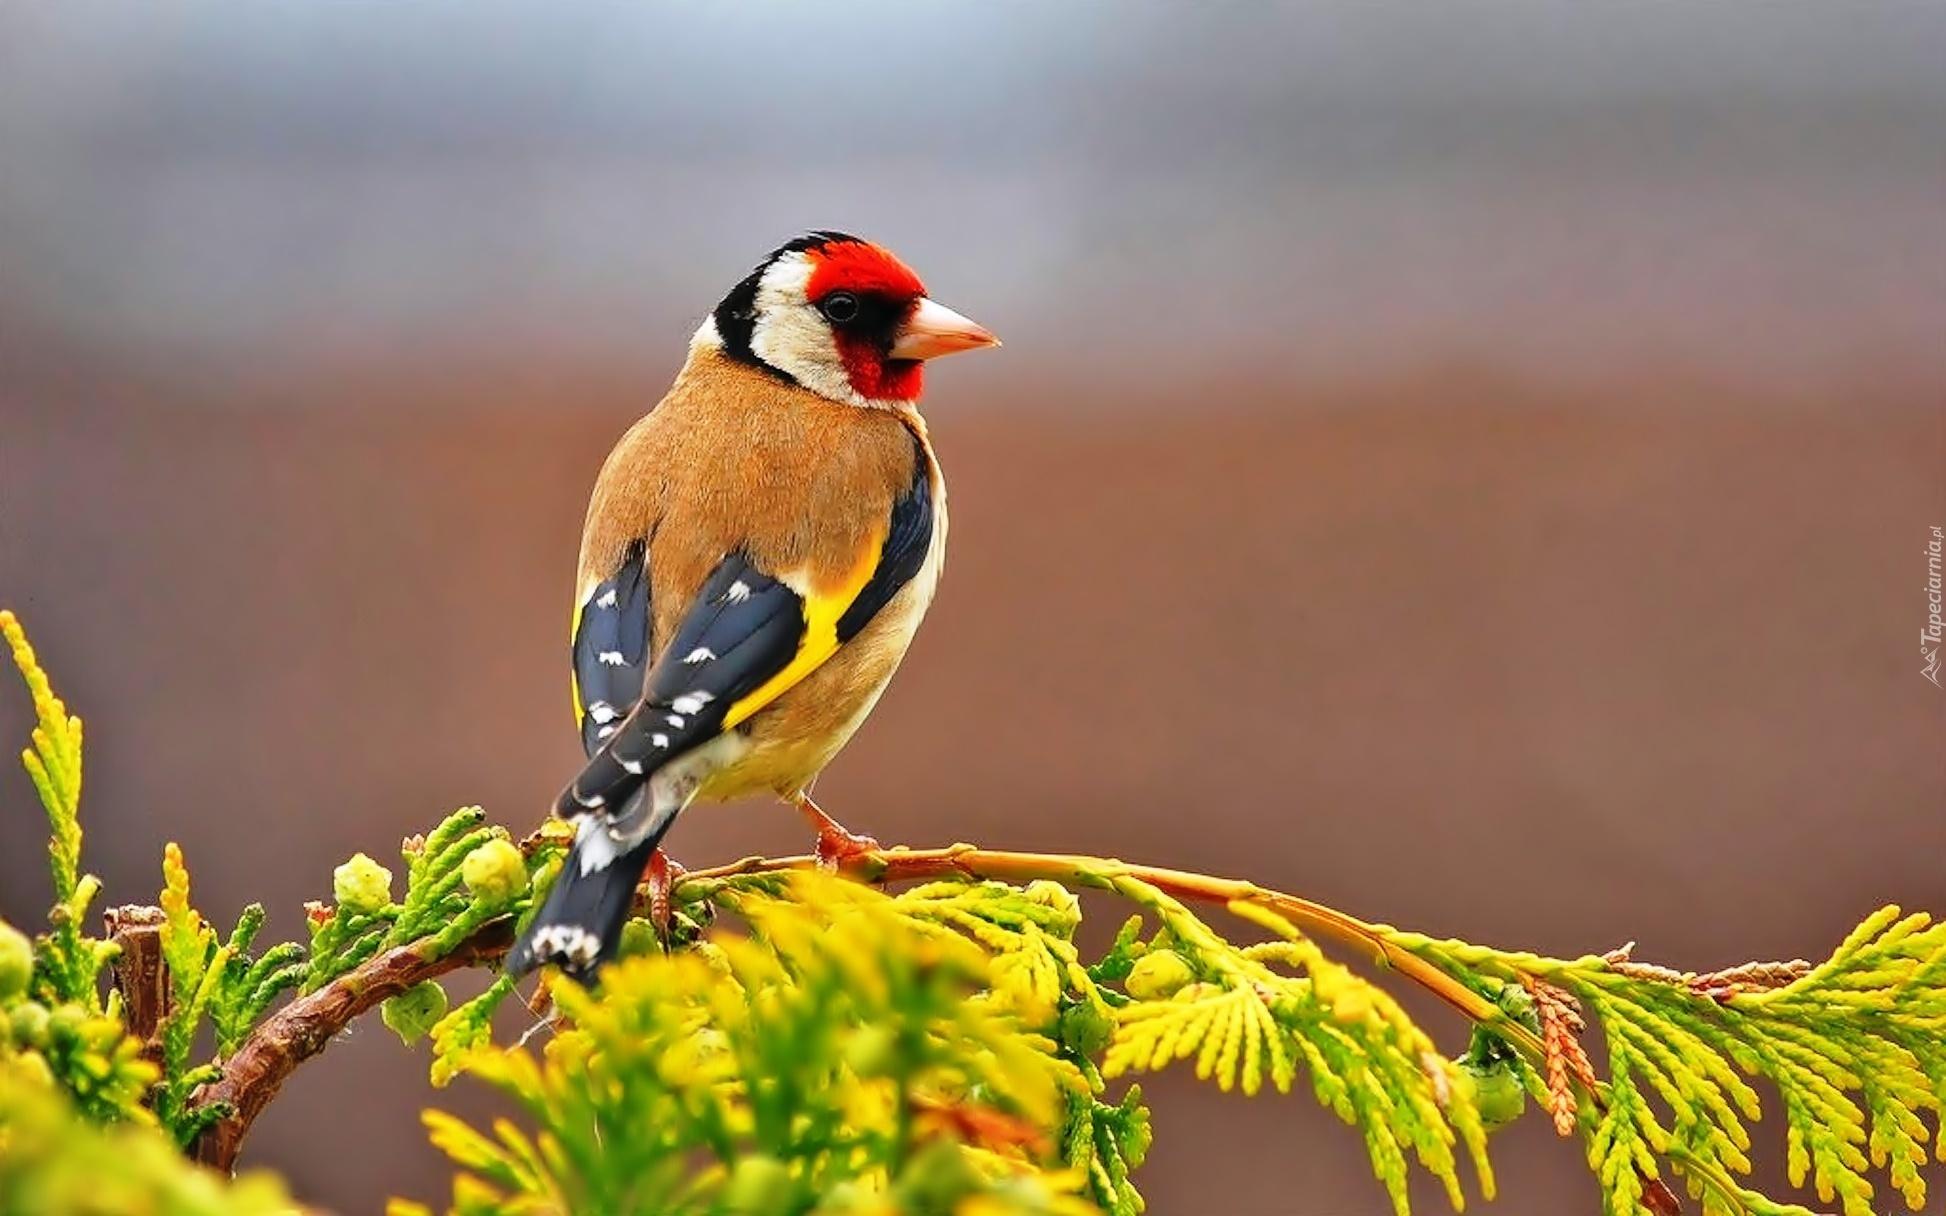 Weekend z OTOP: Szczygieł - niezwykle towarzyski ptak o charakterystycznym upierzeniu i świergotliwym śpiewie.